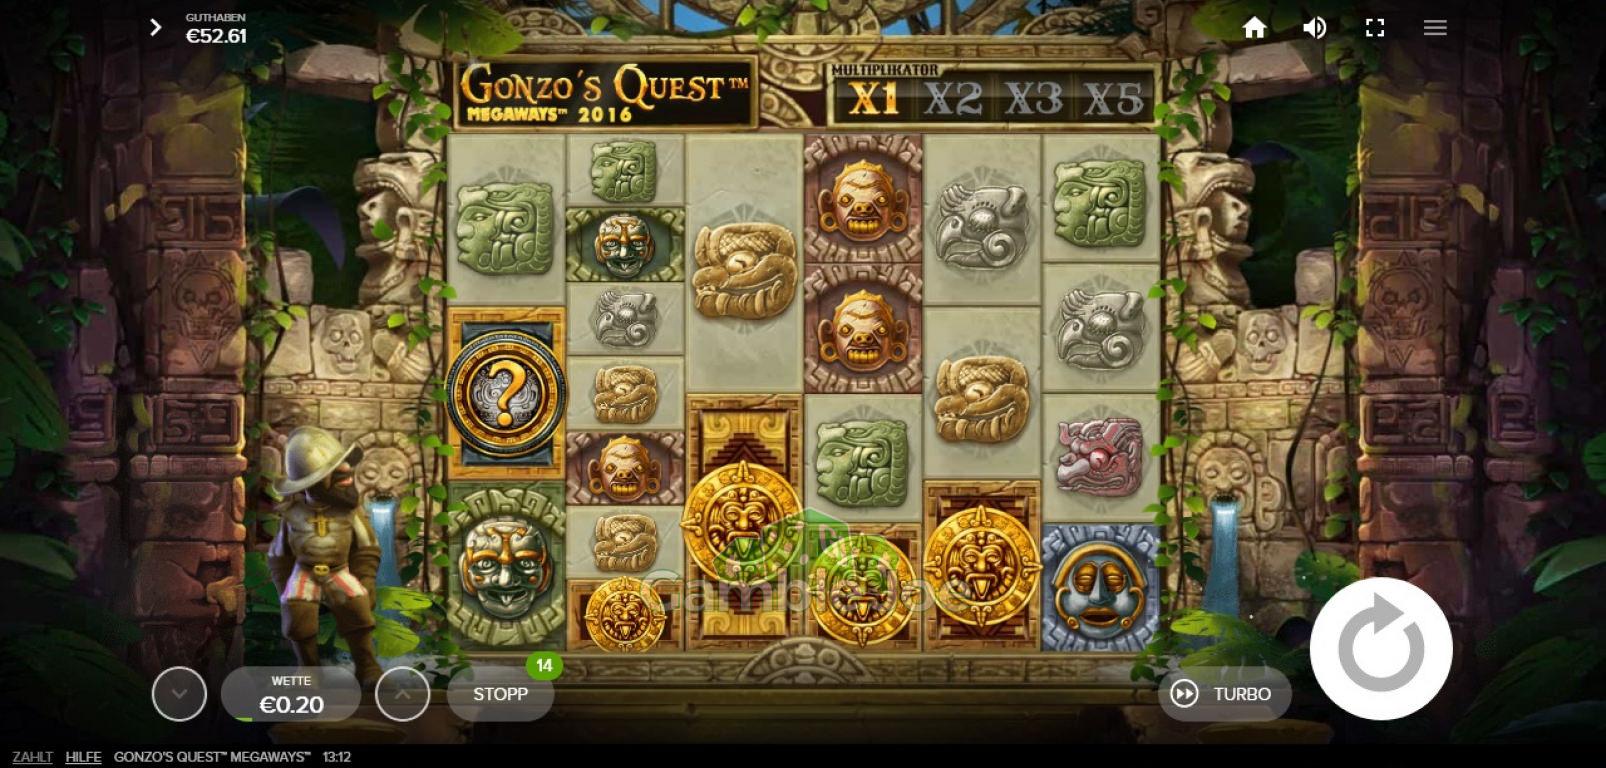 Gonzos Quest Megaways Gewinnbild von m****r